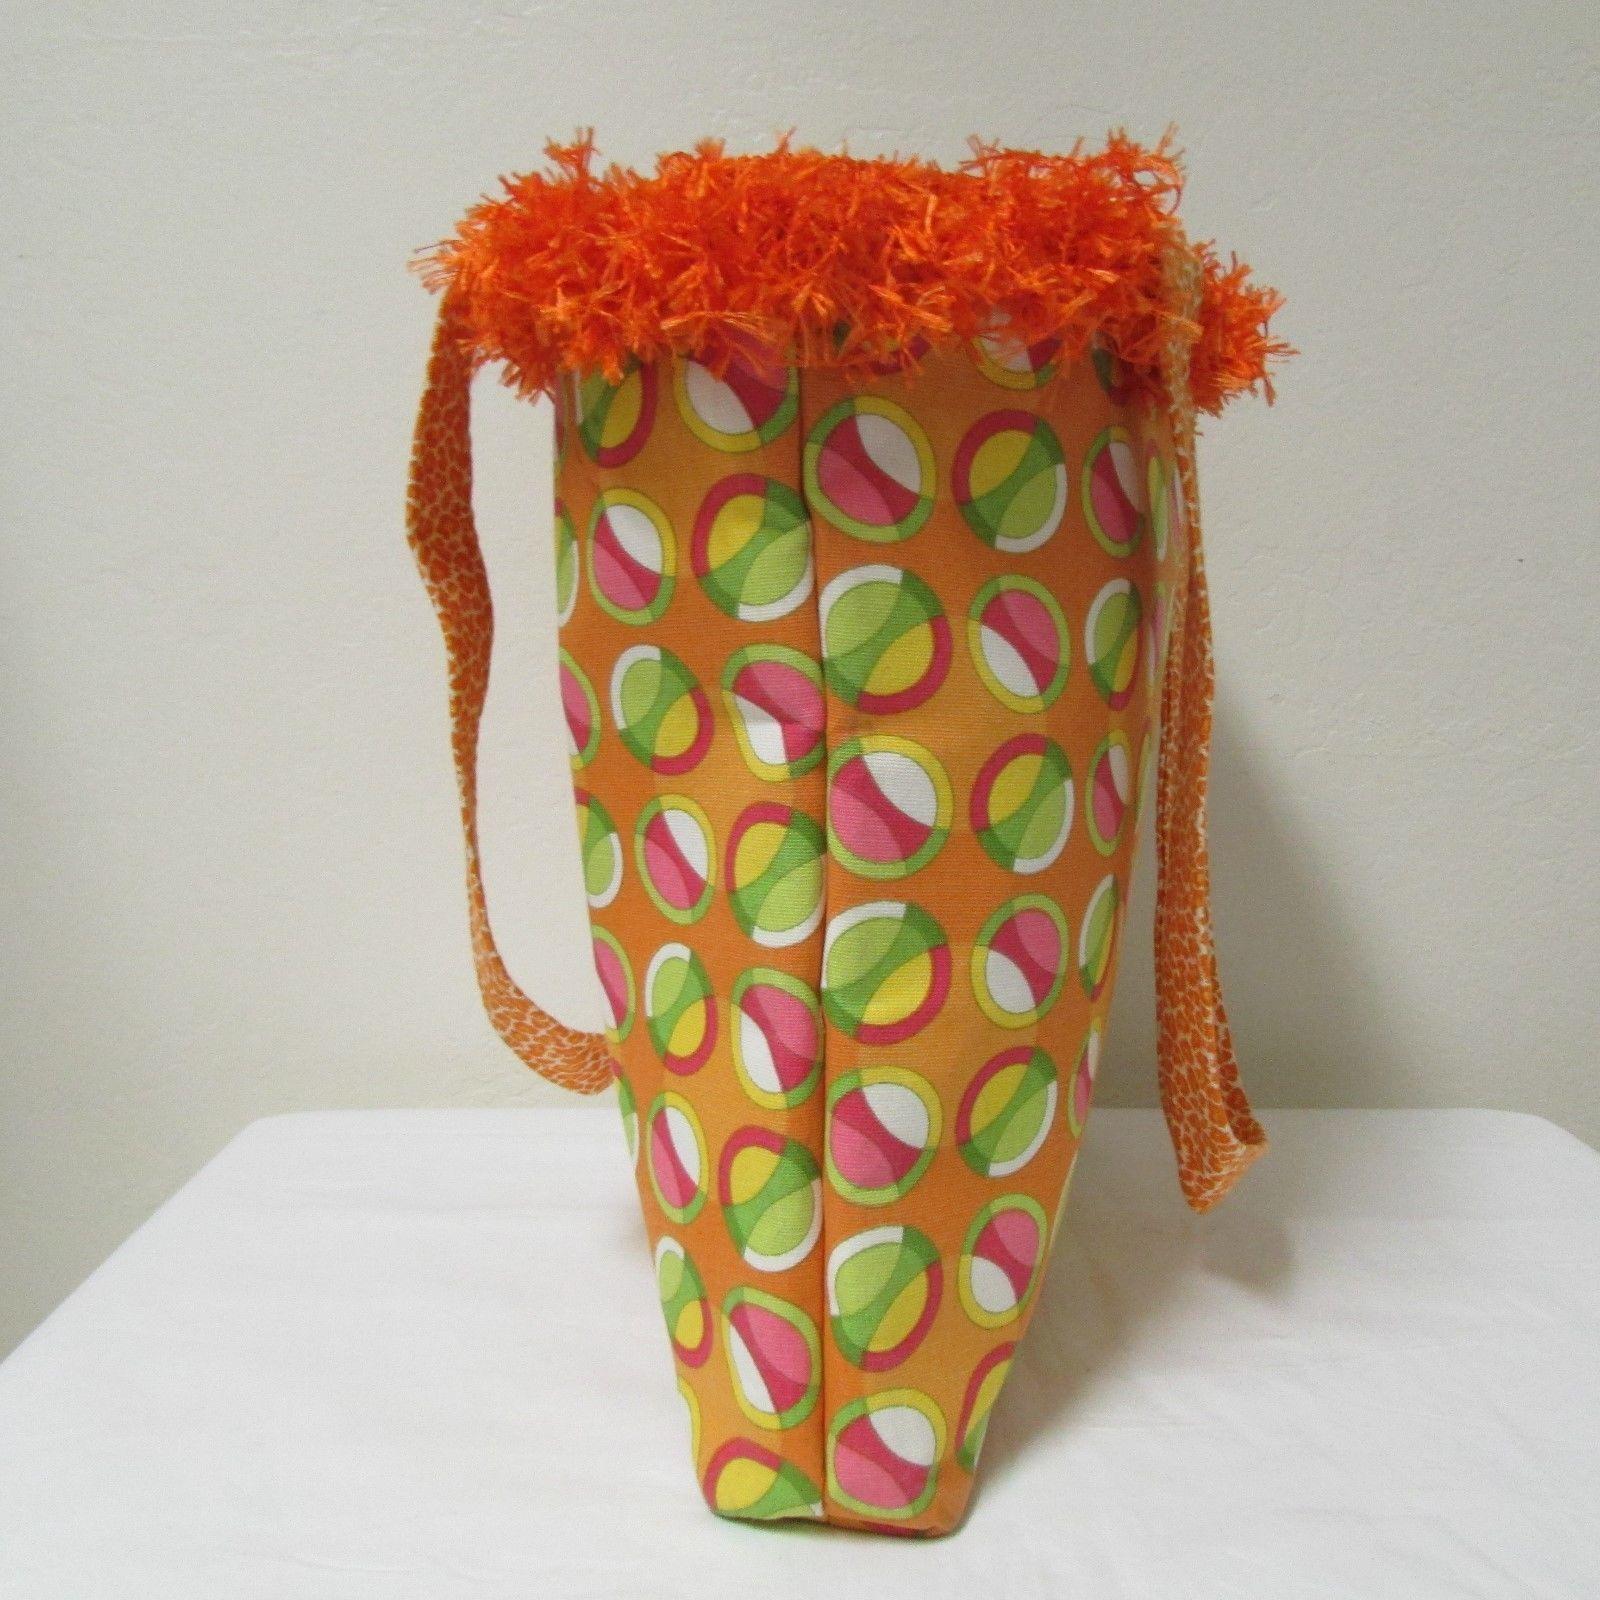 NWOT Large Custom Bag Daddy Orange Retro Shoulder Bag Shoppers Tote image 3